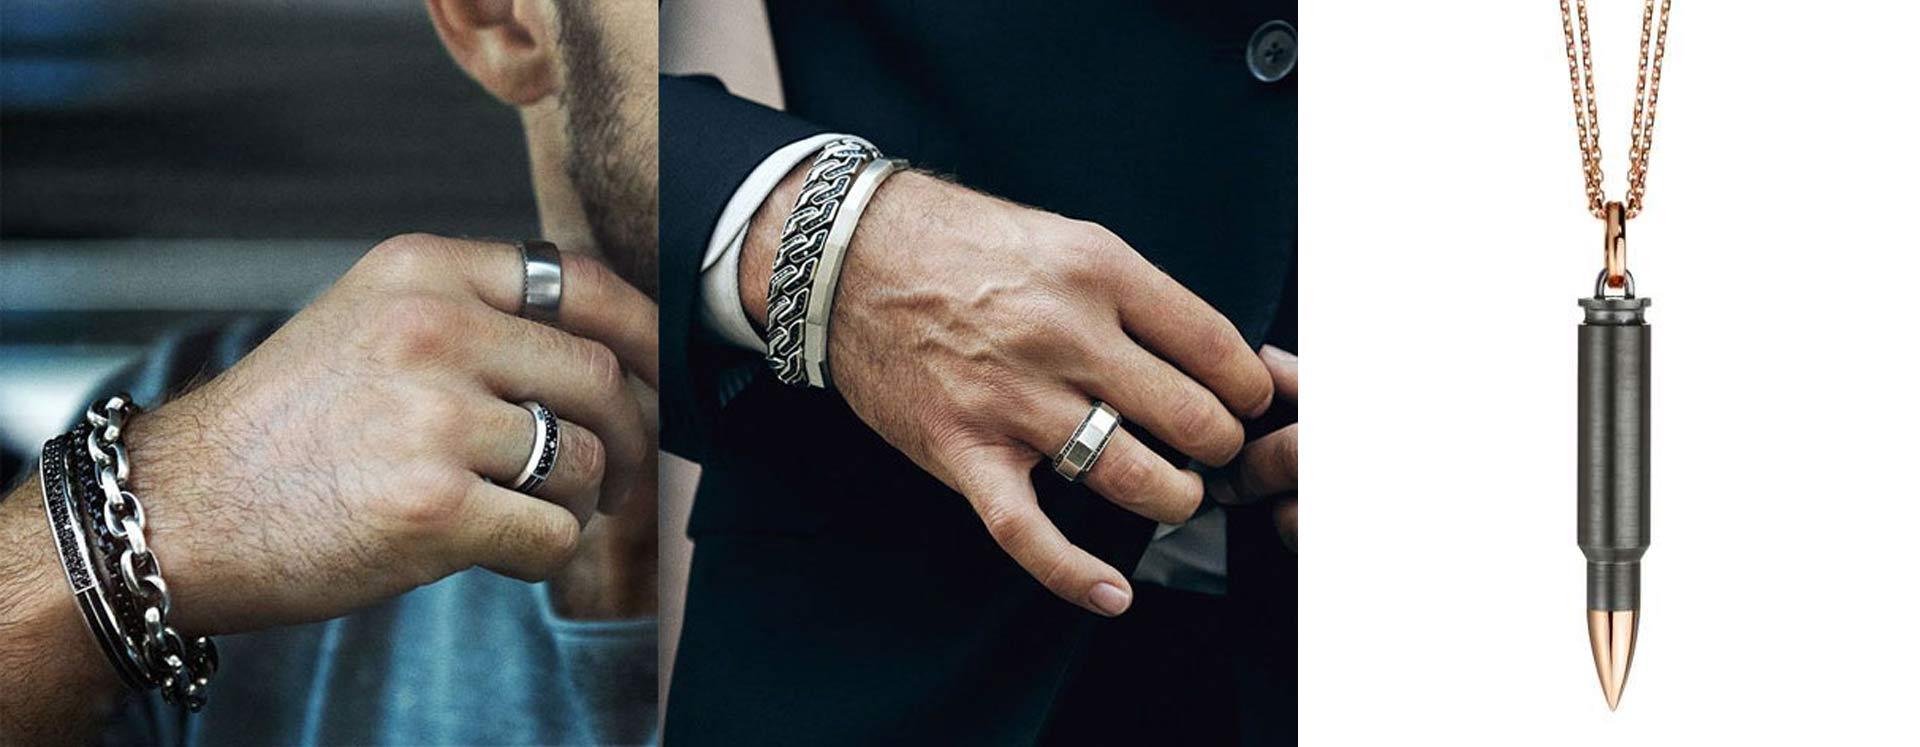 men's jewellery900 - برندهای لوکسی که موجب رونق جواهرات مردانه شده اند